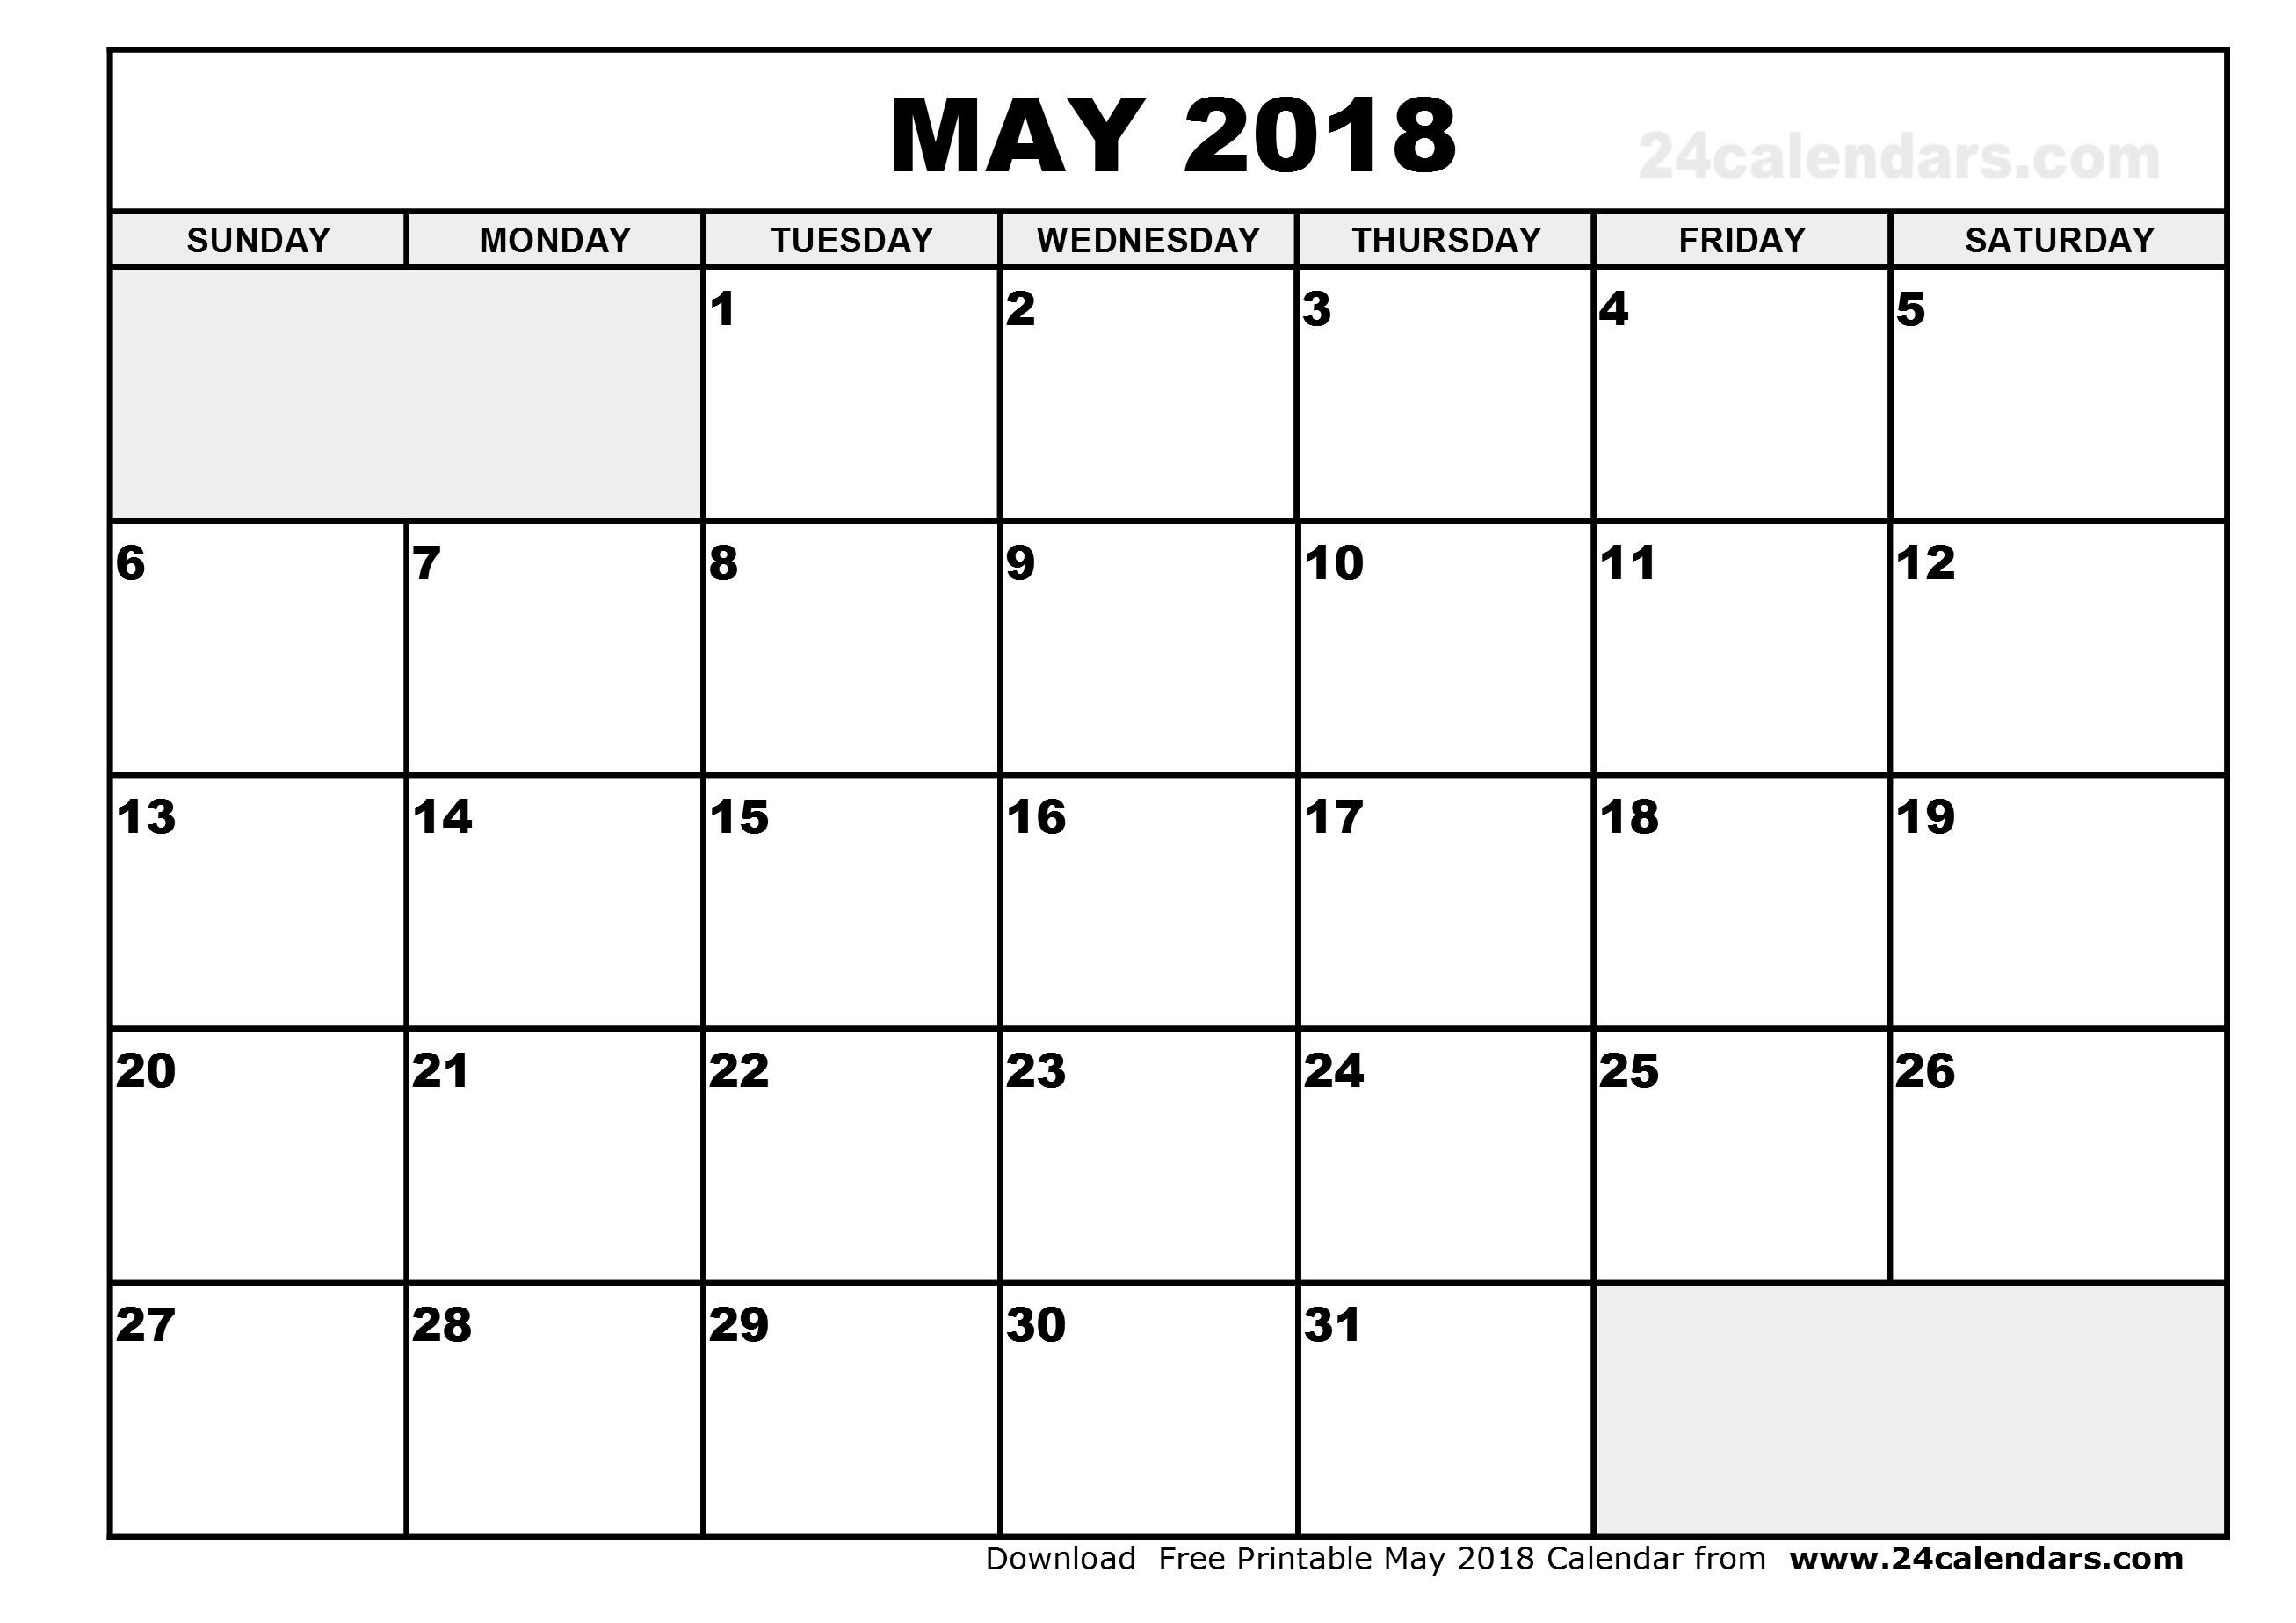 may 2018 calendar download